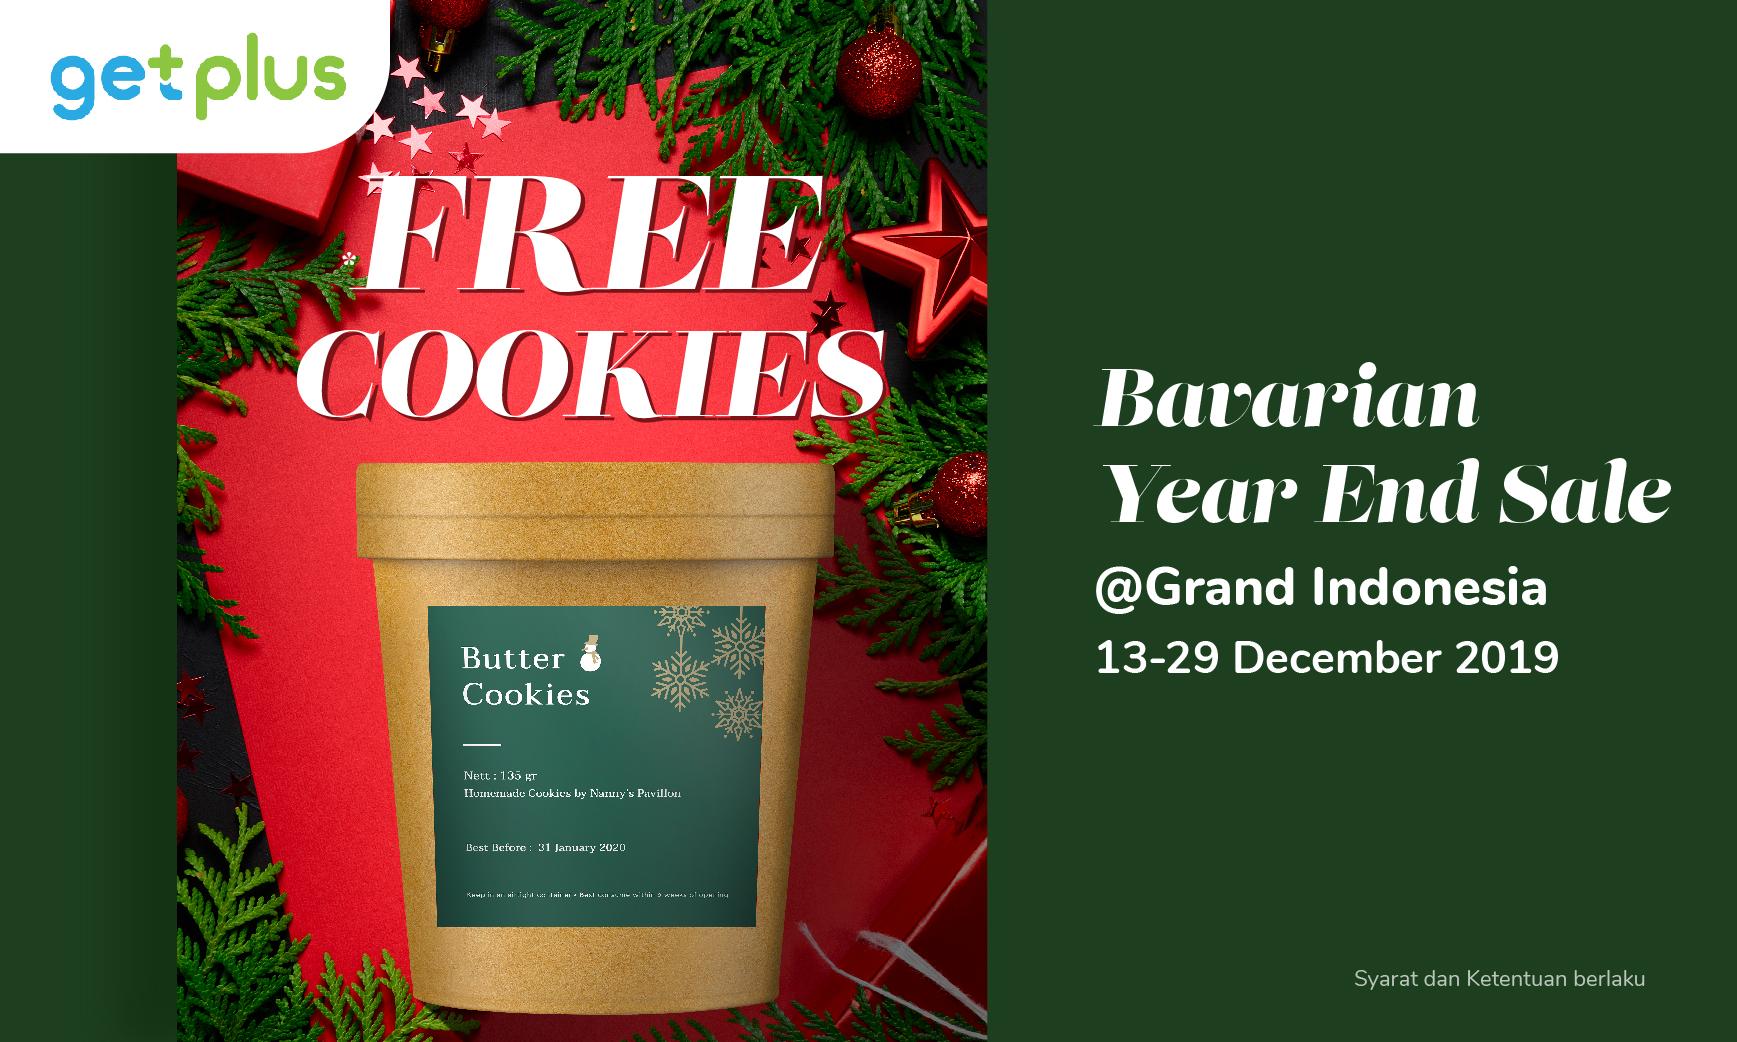 Belanja di Bavarian Year End Sale Grand Indonesia Bisa #DapetinLebih Nanny's Pavillon Cookies Tub!